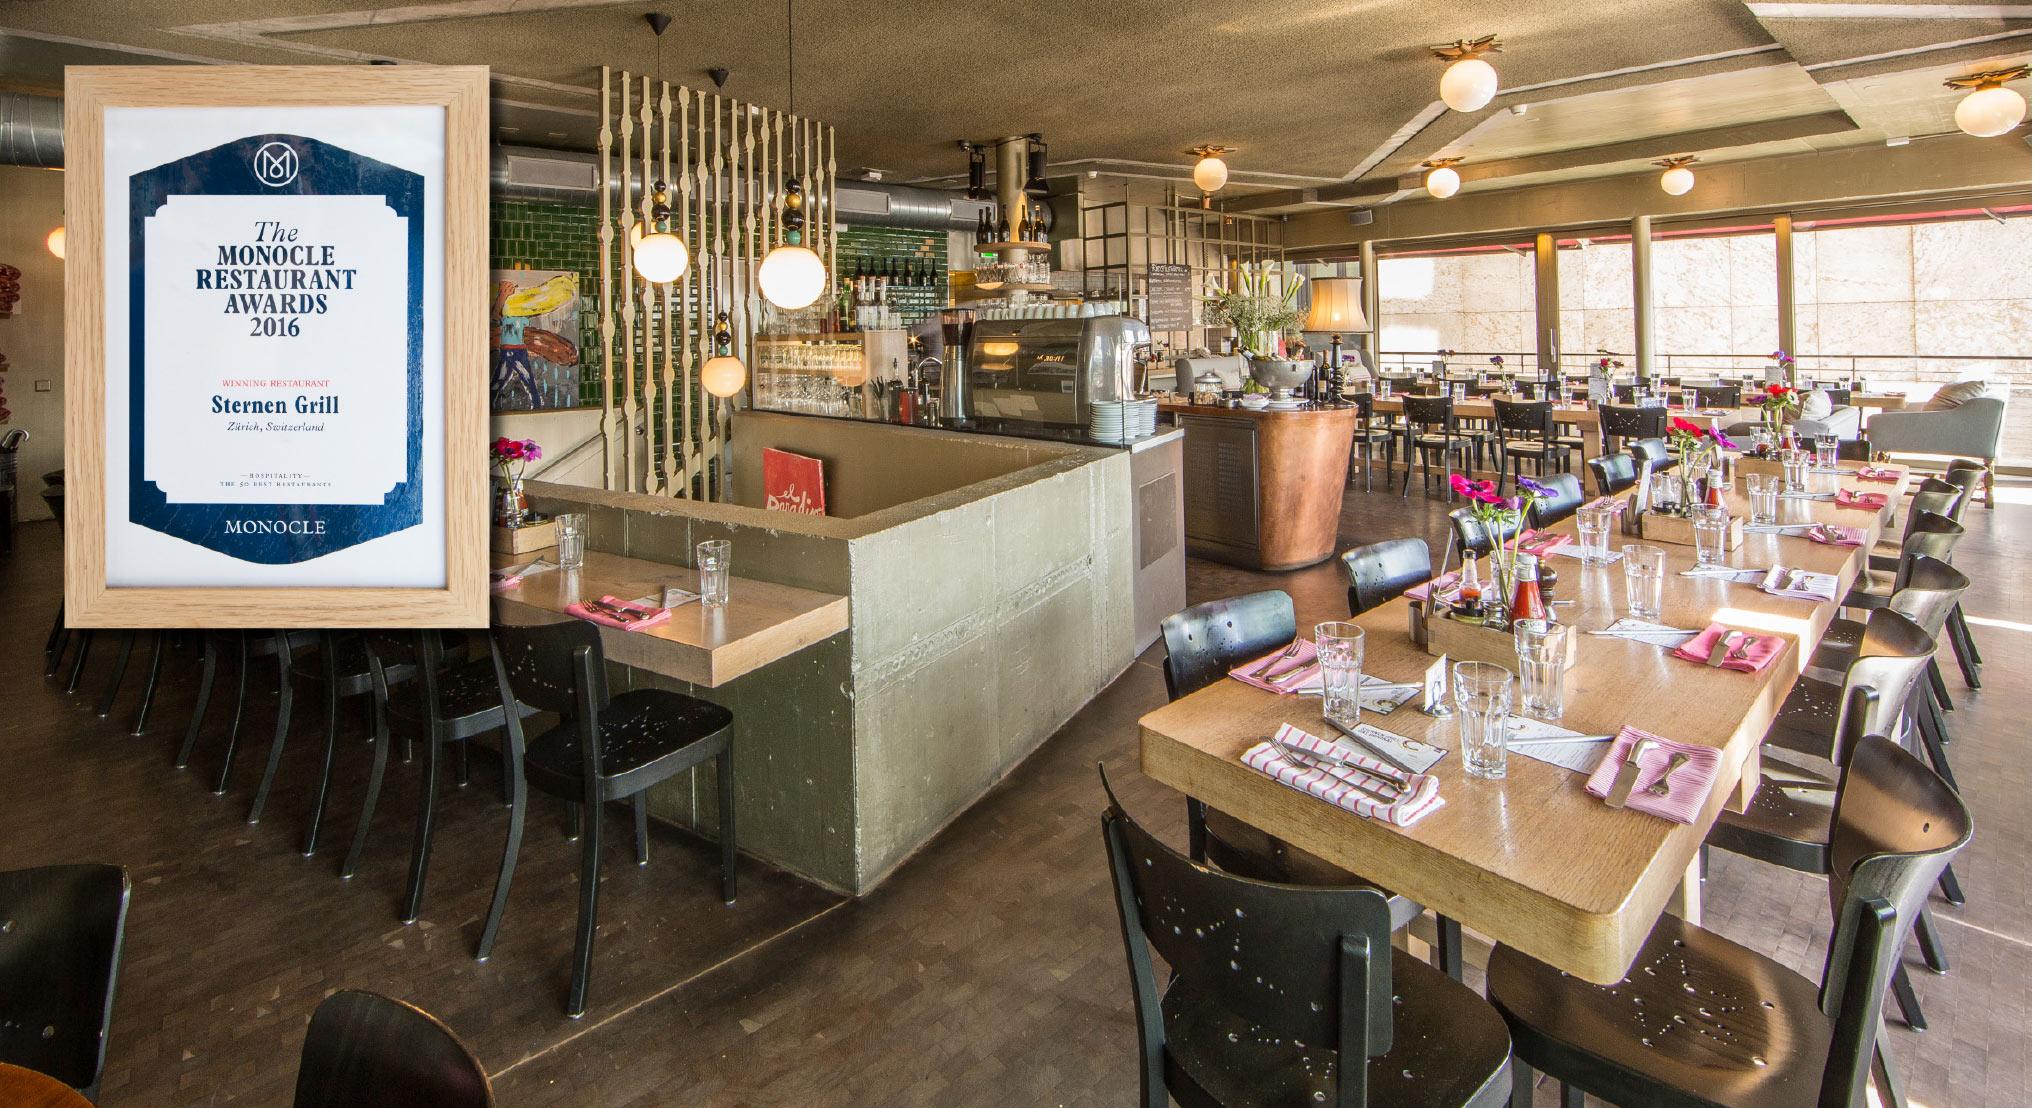 sternen-grill-restaurant-1OG